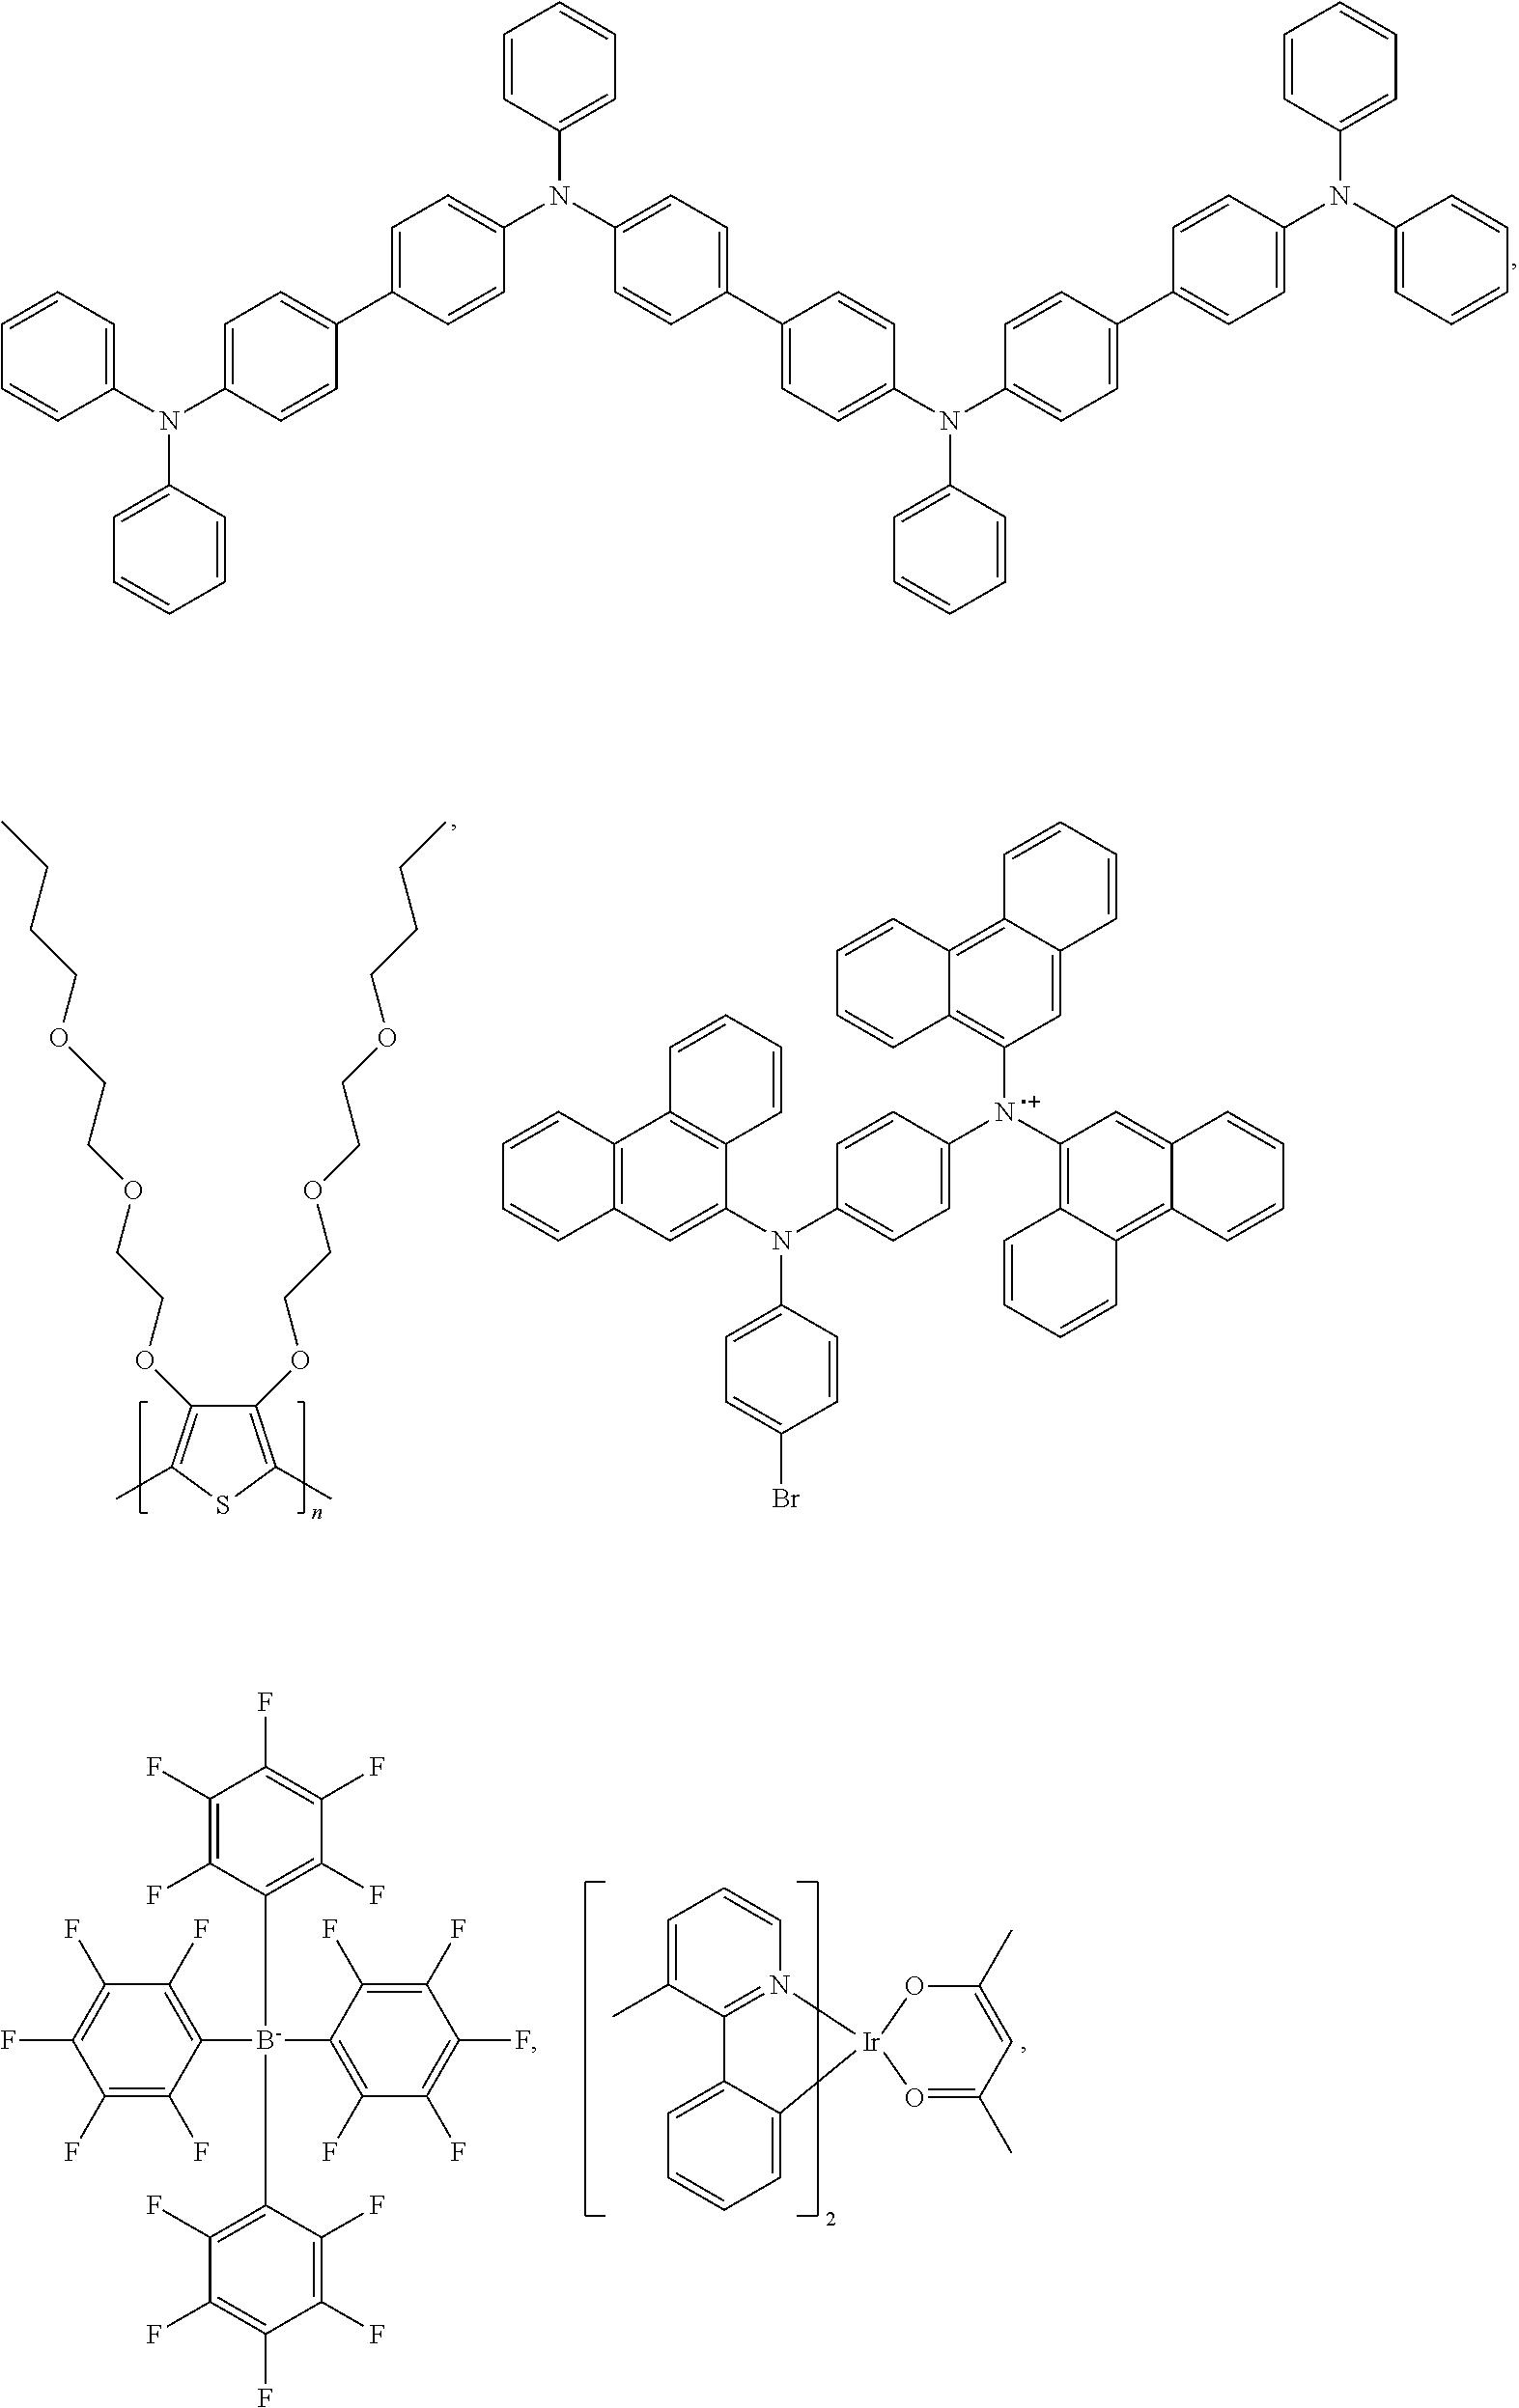 Figure US20180076393A1-20180315-C00068